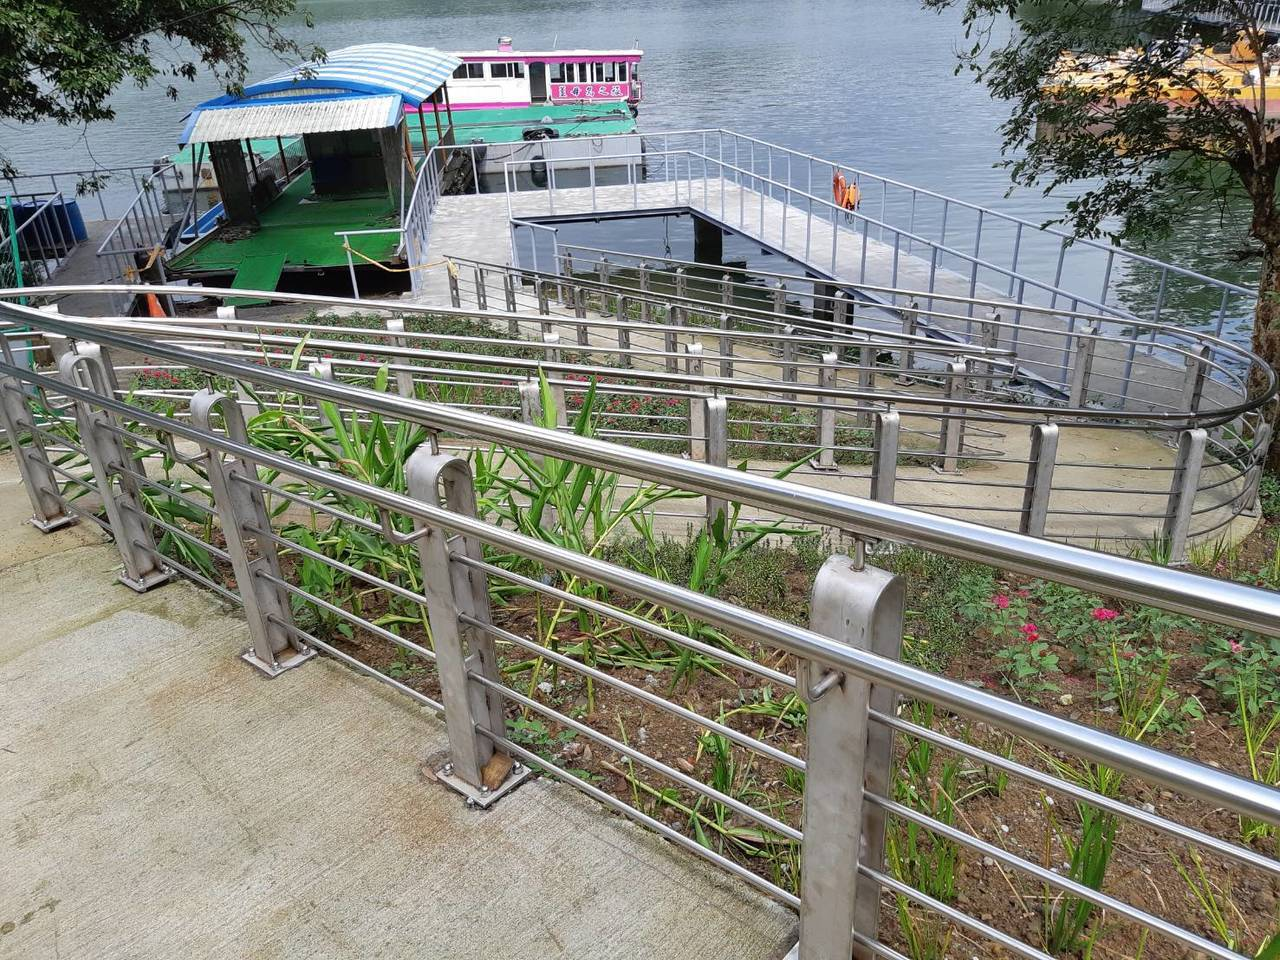 桃園石門水庫薑母島碼頭,新設登島棧道及臨水棧道。圖/經濟部北水局提供